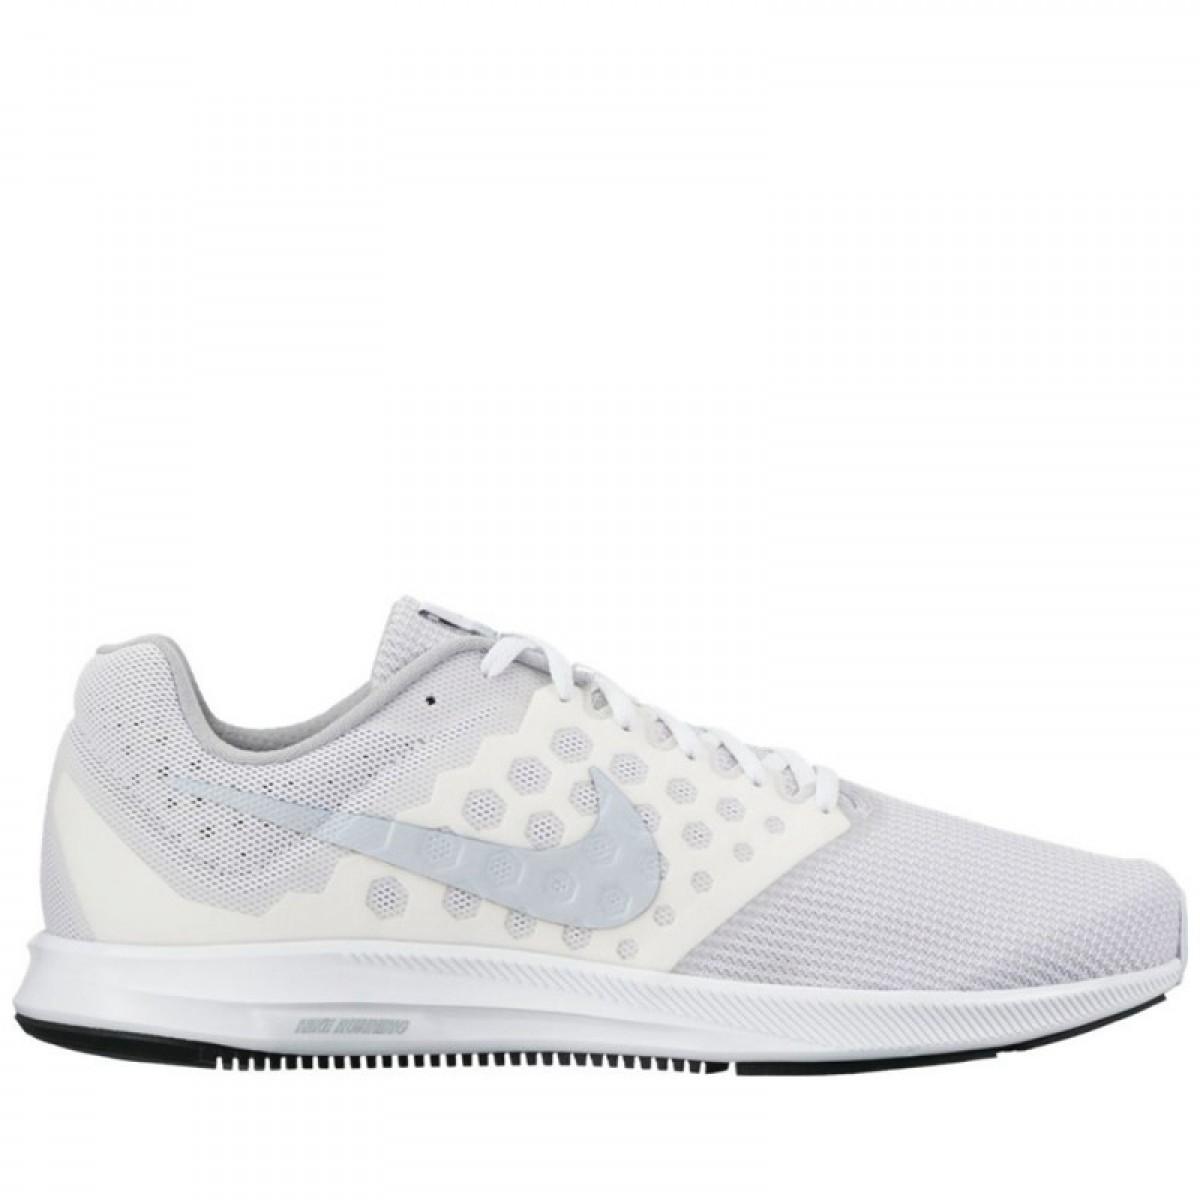 sports shoes 8949a 2ce1e SCARPE - Nike Downshifter 7 Uomo Bianco